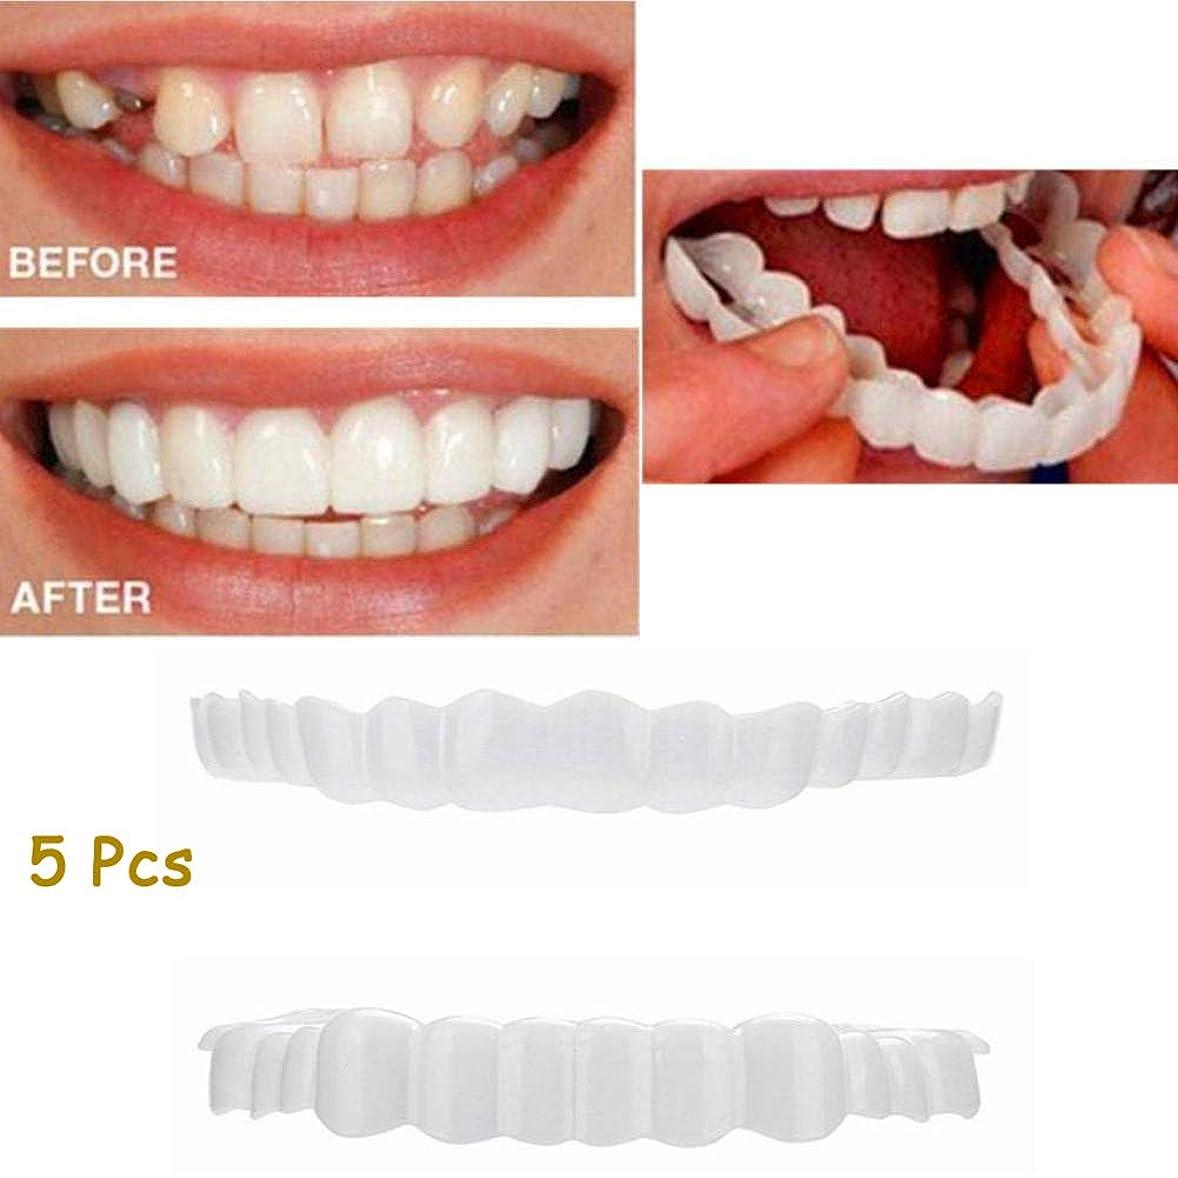 取得日焼け作る5ピース上歯+下歯セットインスタントパーフェクトコンフォートフィットフレックス化粧品歯入れ歯歯ホワイトニングスマイルフェイク歯